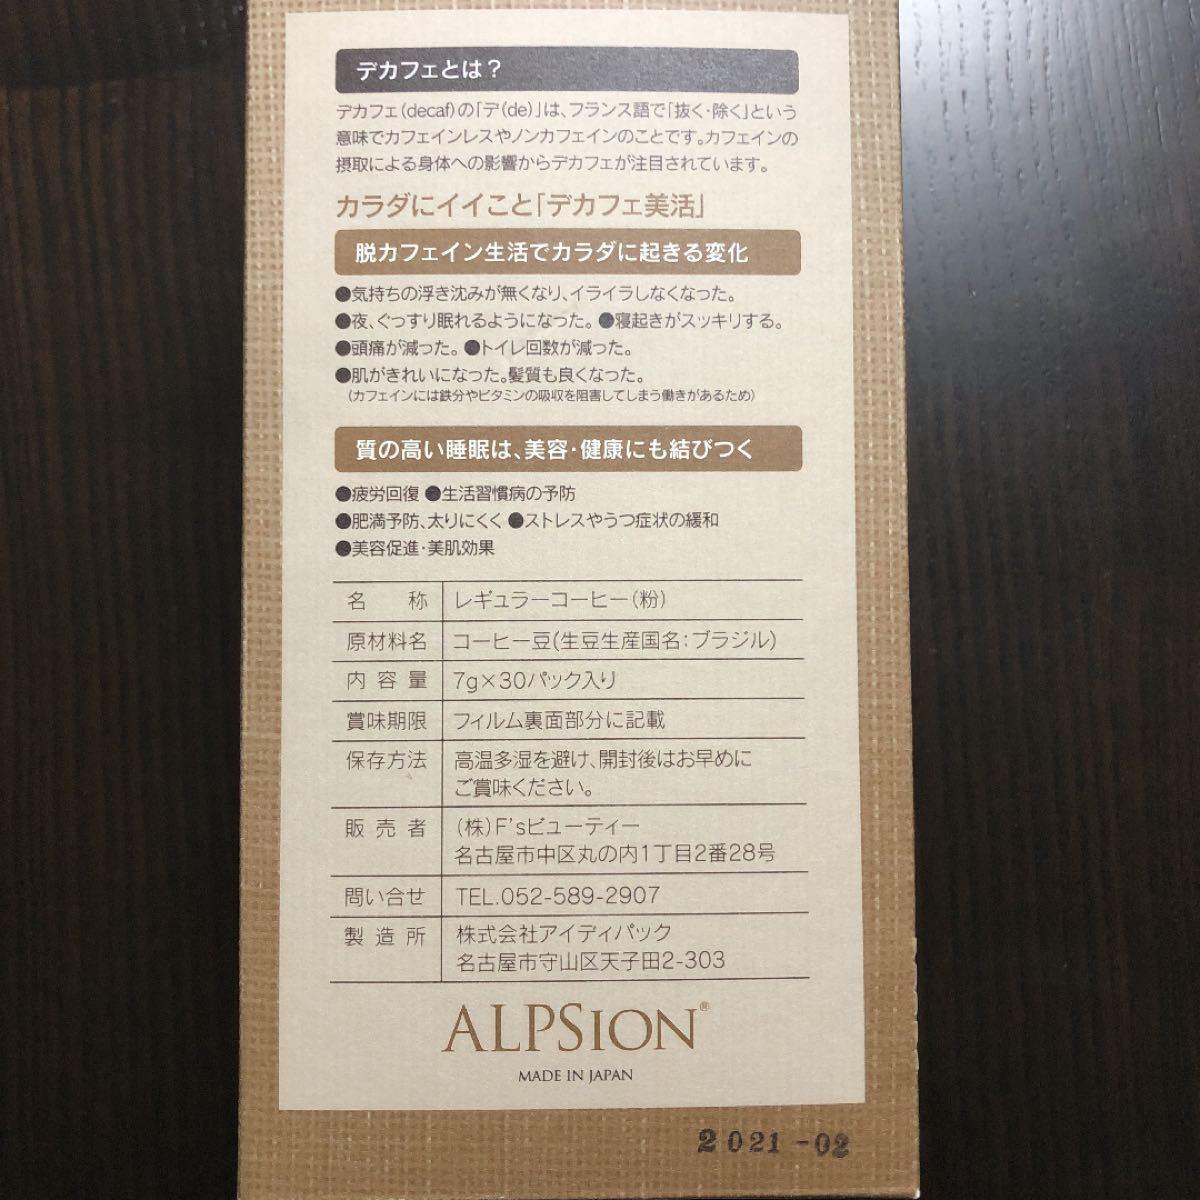 カフェインレス コーヒー デカフェ アルピジョン 30袋 ドリップコーヒー